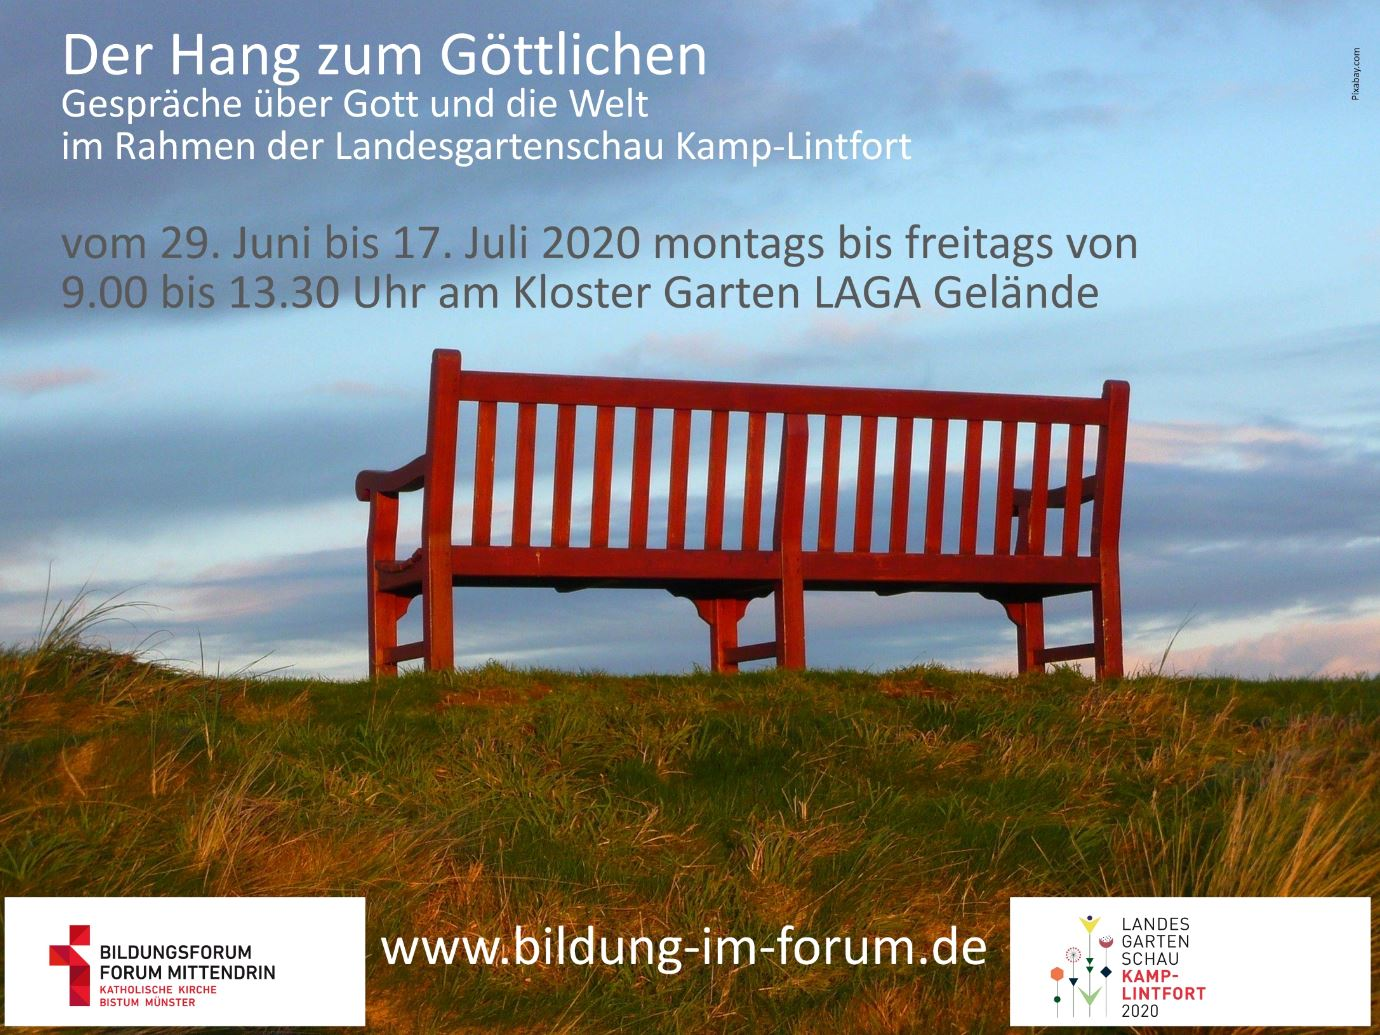 Forum Mittendrin auf der Landesgartenschau